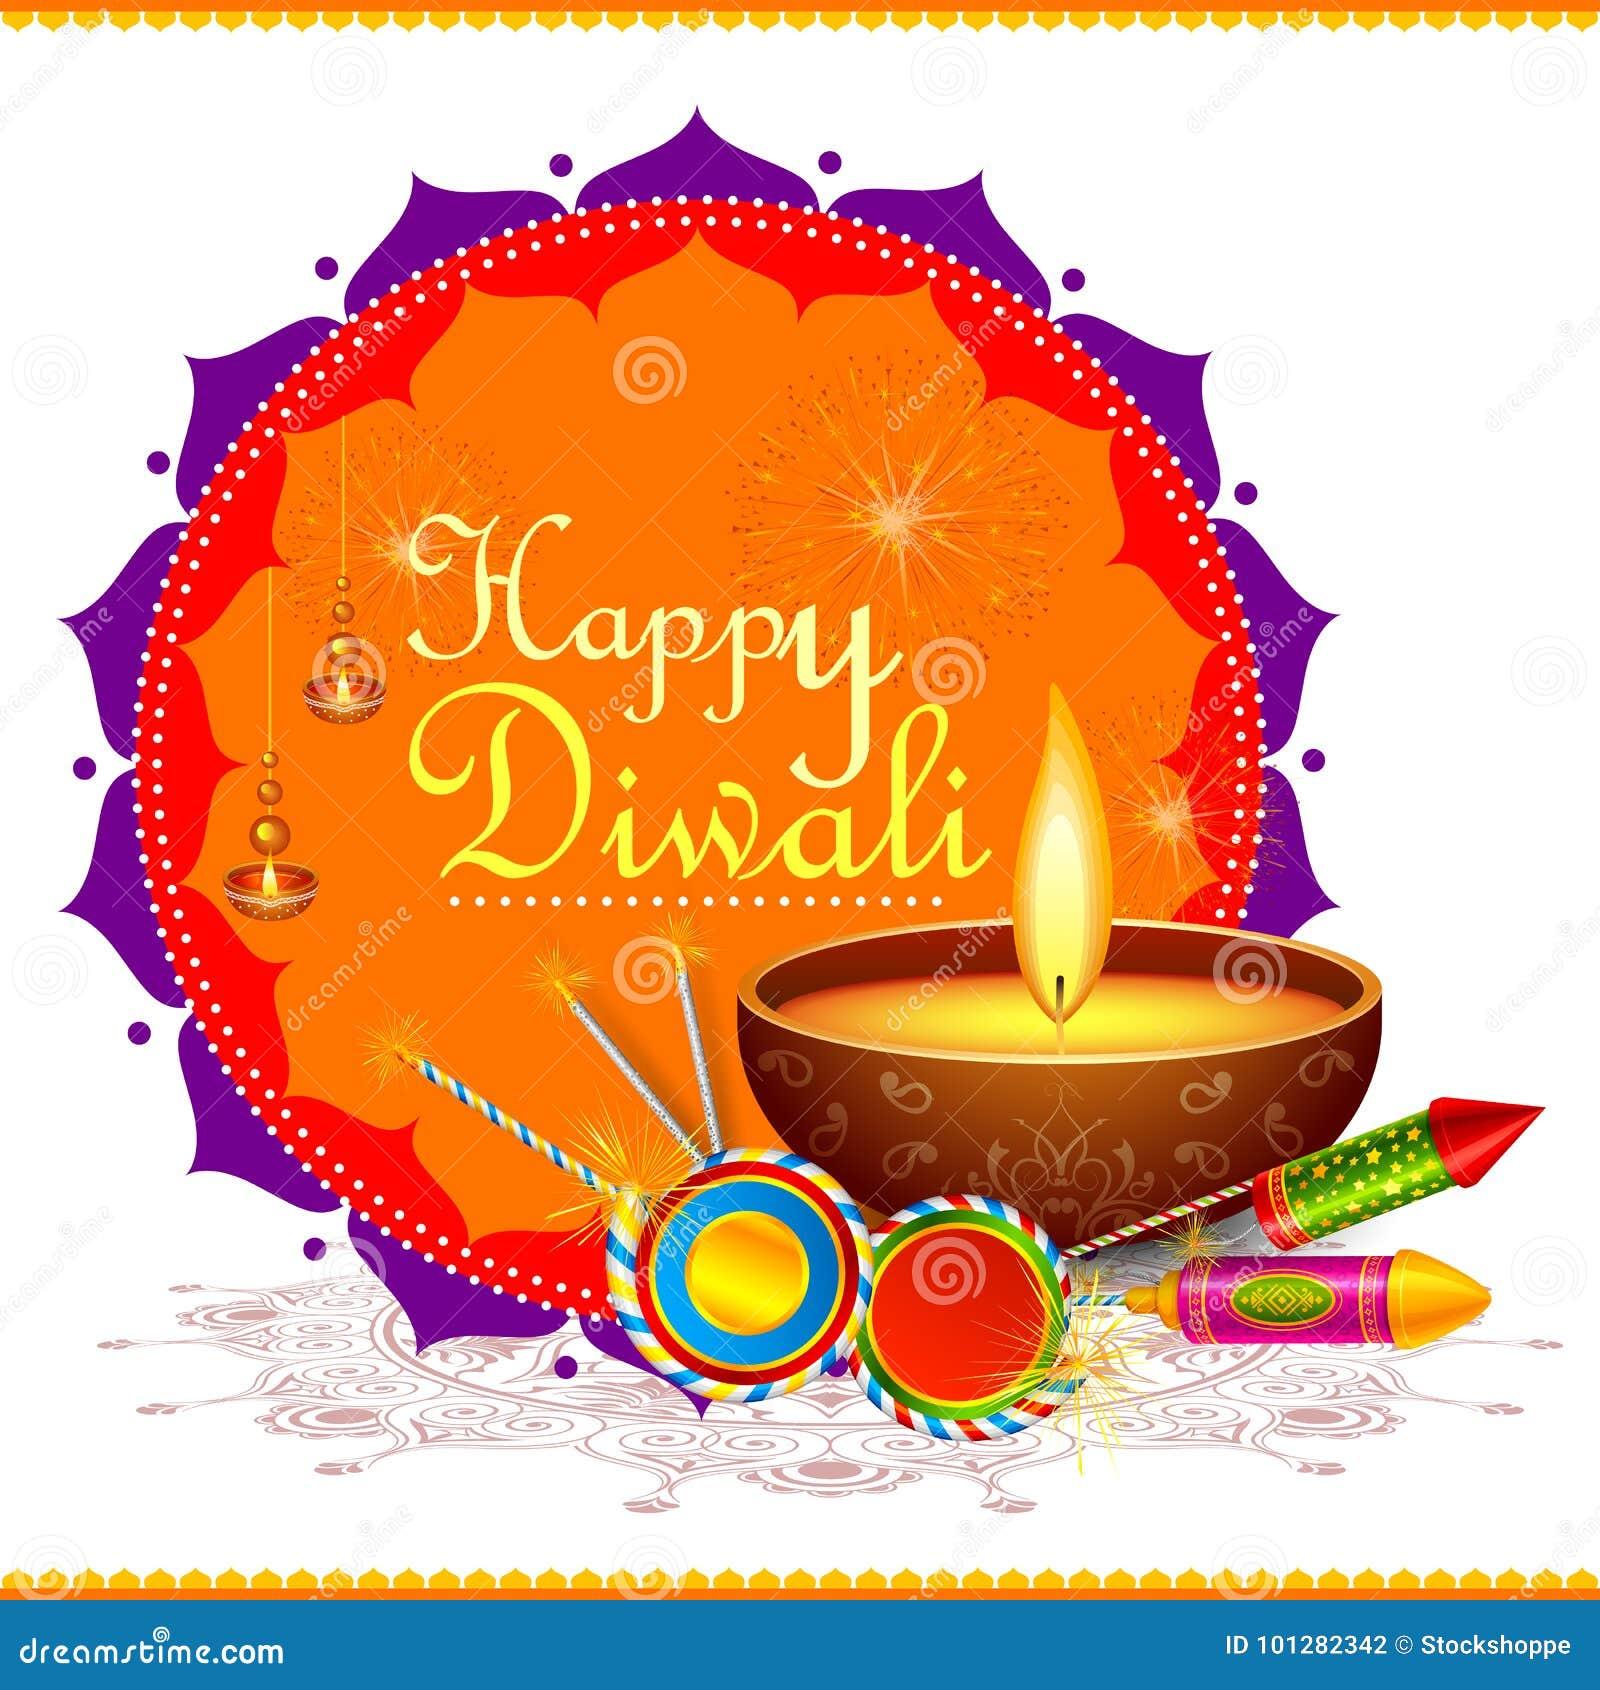 Bunter Feuercracker mit verziertem diya für glückliches Diwali-Festival